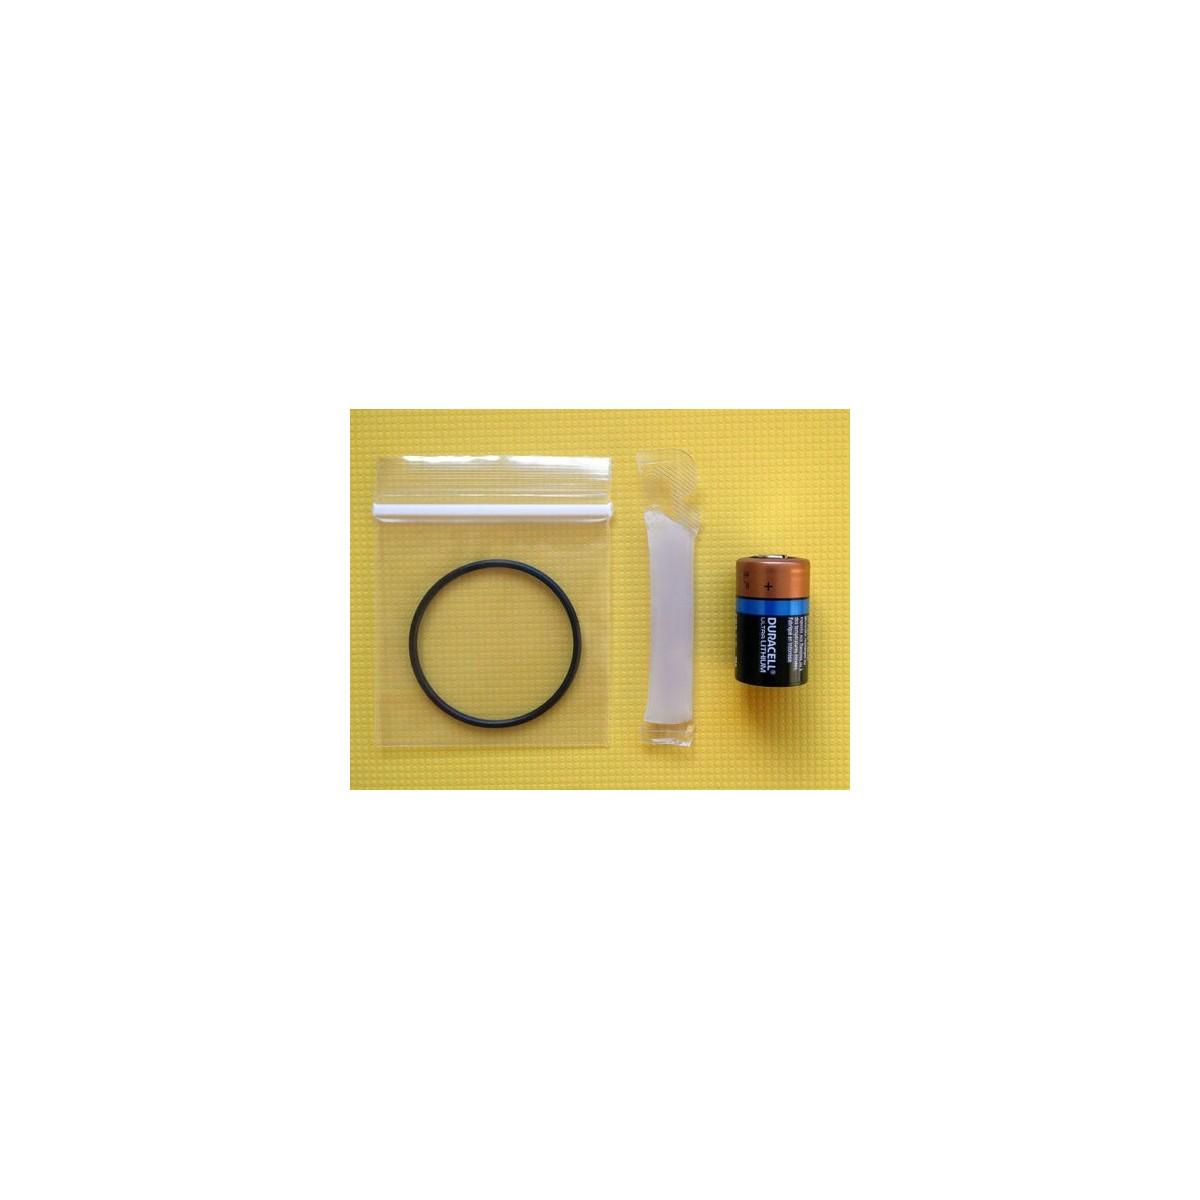 Oceanic battery kit pro plus